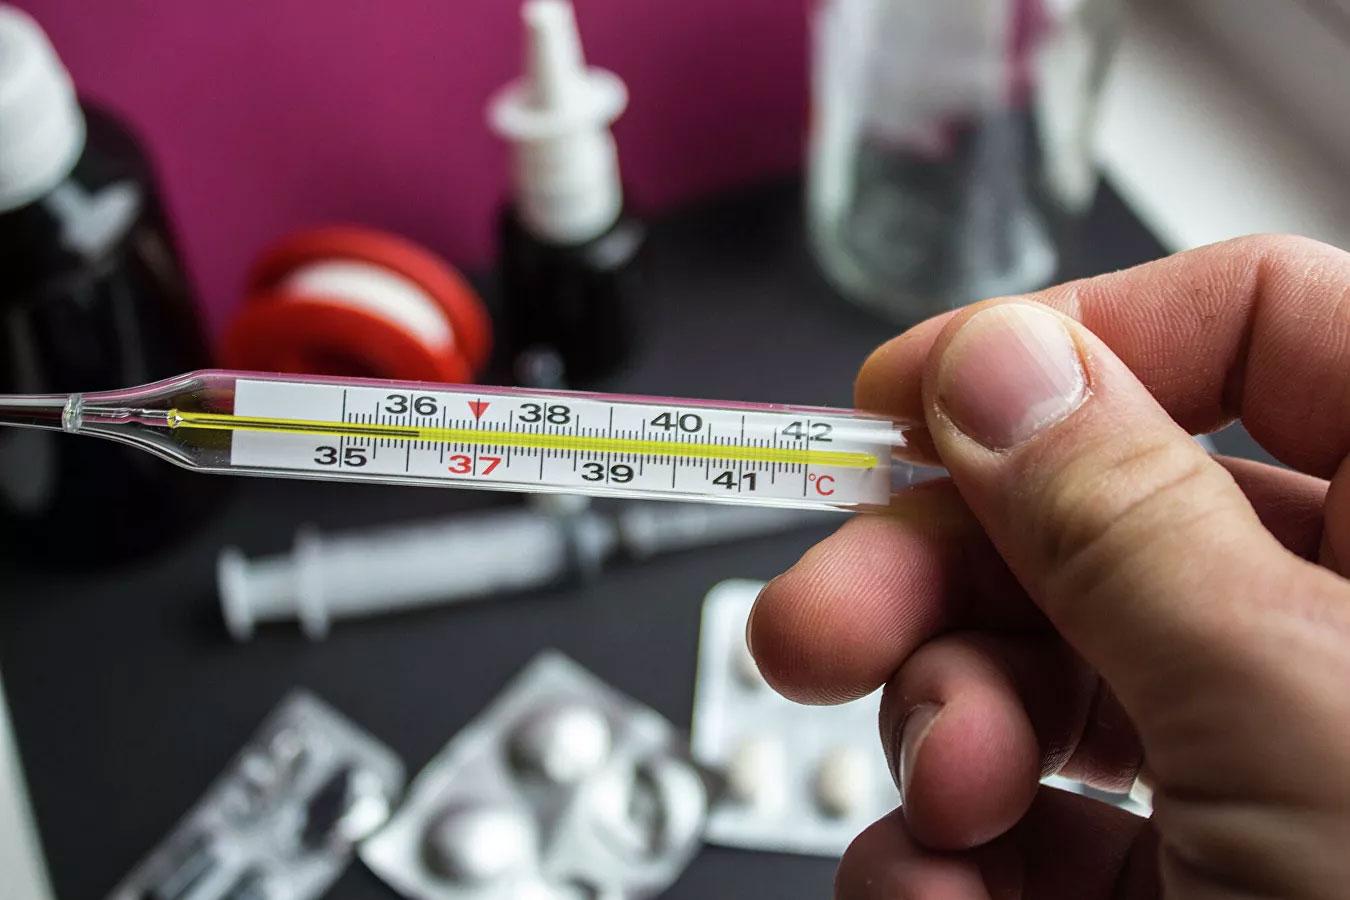 COVID-19-ով վարակված բժիշկը մանրամասն նկարագրել է հիվանդության ախտանիշները